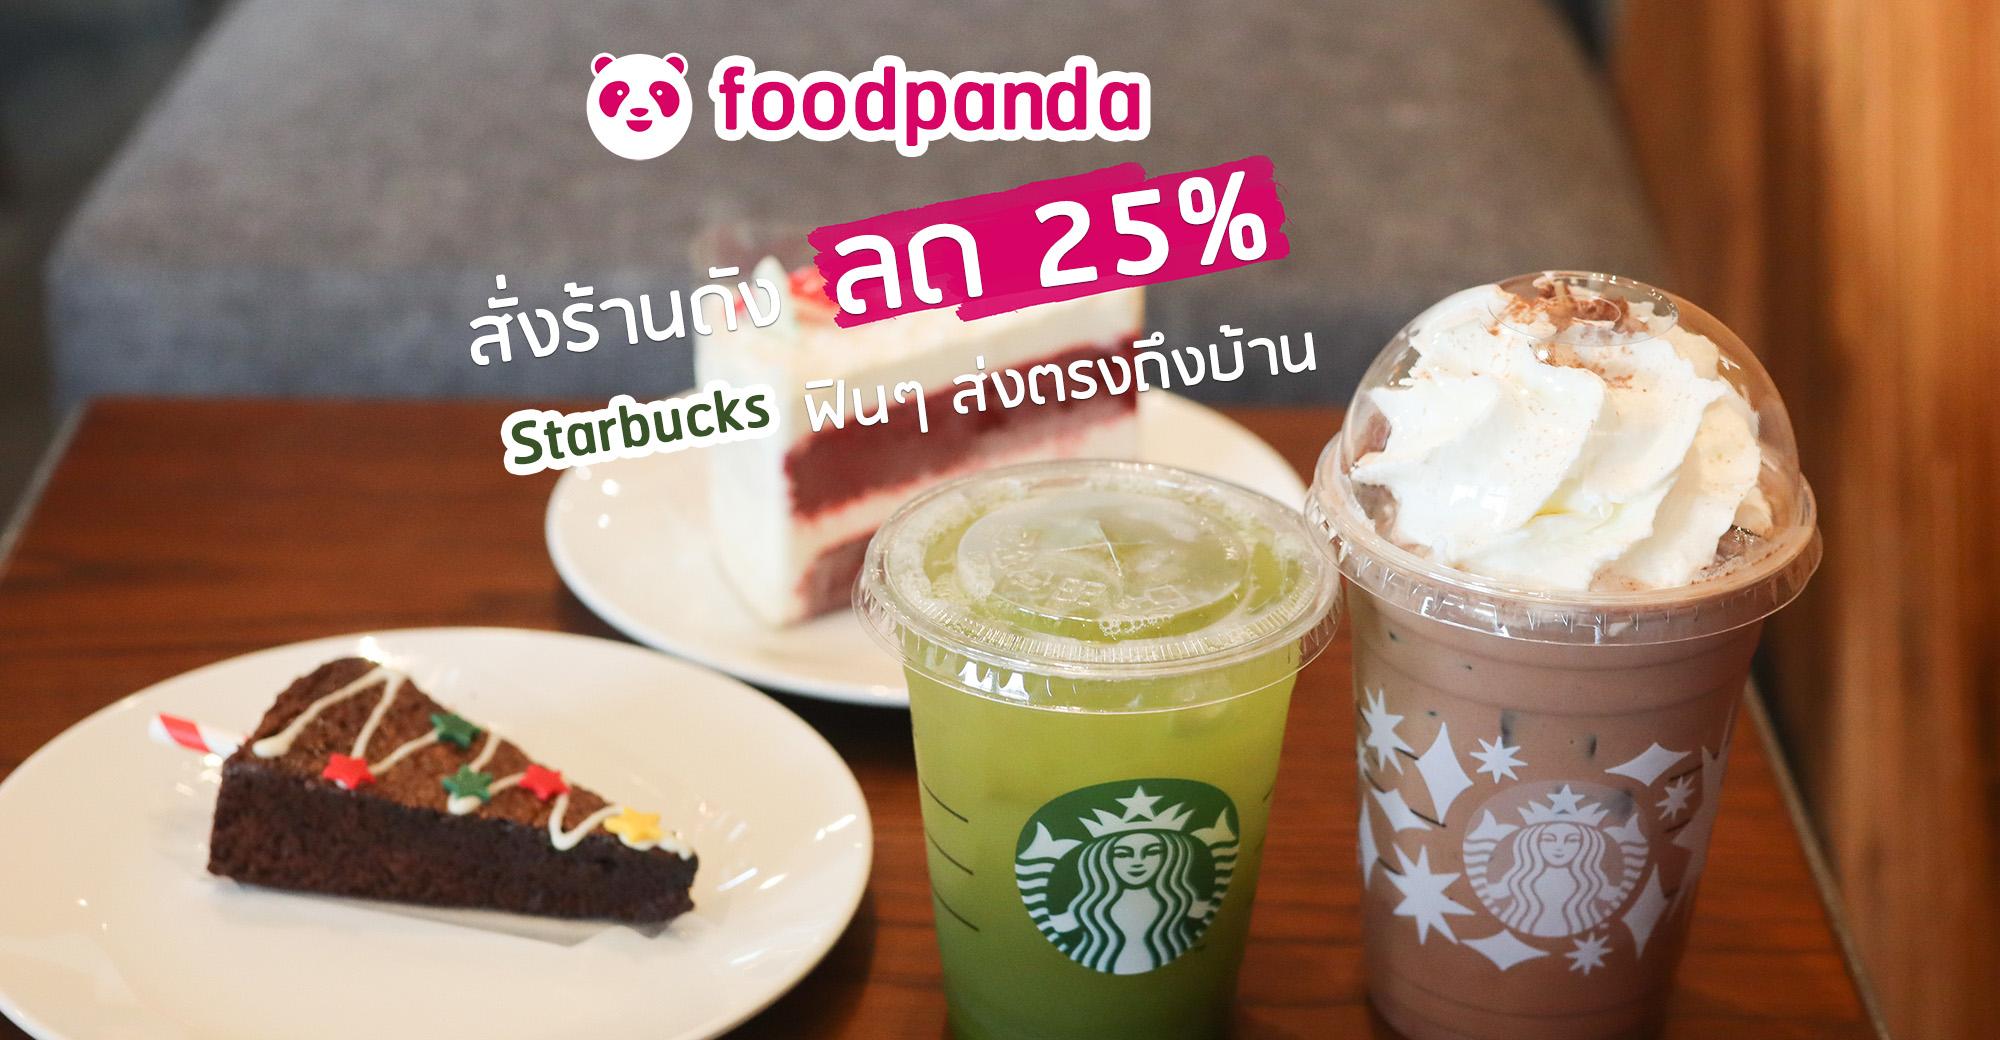 โปรเด็ดโปรดีย์ สั่ง Starbucks ไปกินชิวๆที่บ้าน นั่งทำงานจิบชาฟินๆ สั่งง่ายๆ จ่ายถูกกว่าไปสั่งที่ร้าน ผ่าน Application foodpanda ลดจัดเต็ม 25% ต้องห้ามพลาด